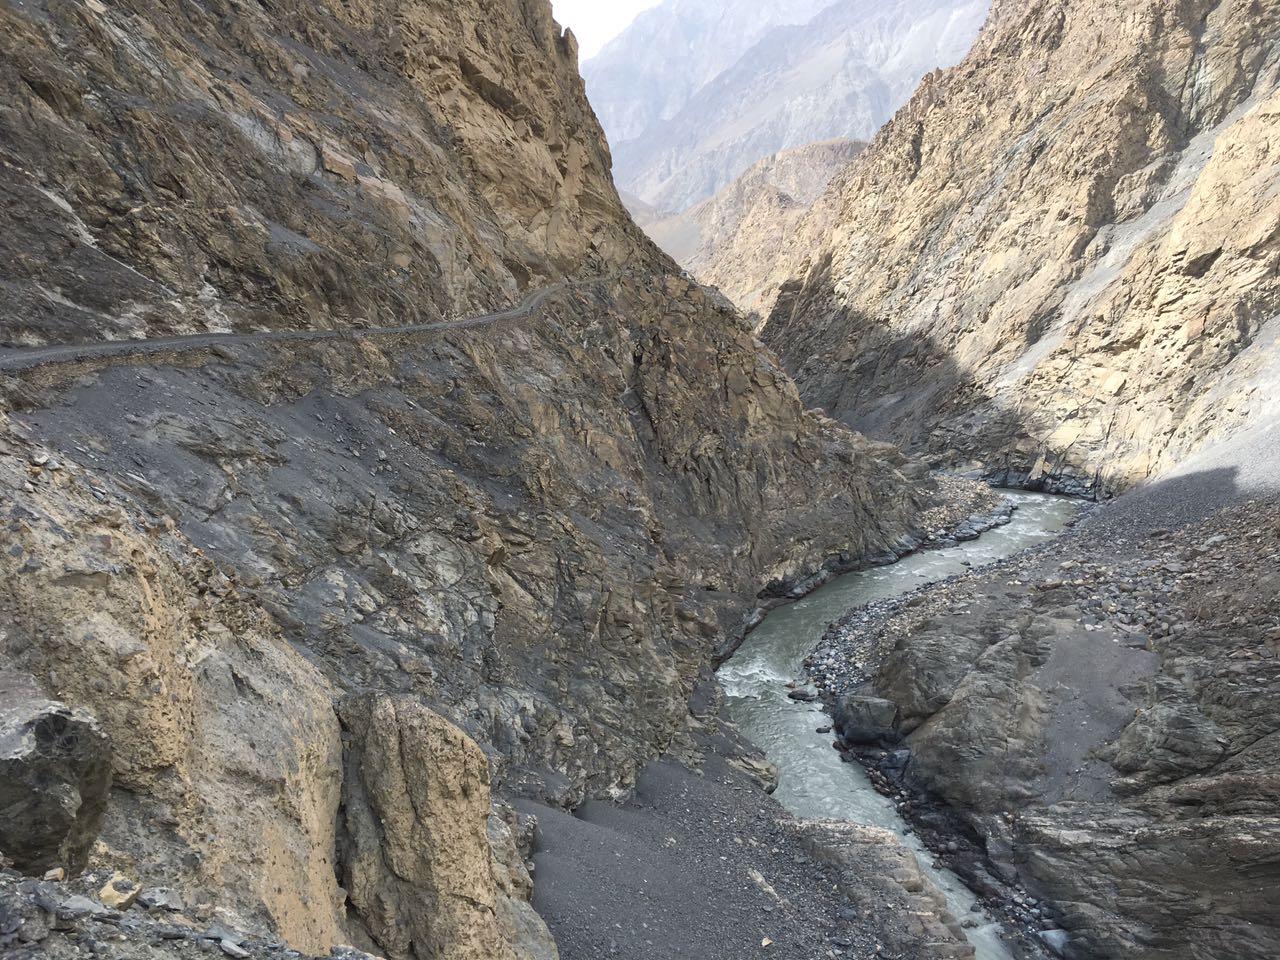 شمشال سے تعلق رکھنے والے بہادر شخص مرزا امان نے ساٹھ کلومیٹر طویل مشکل ترین راستہ ریورس گئیر میں گاڑی چلا کر طے کیا